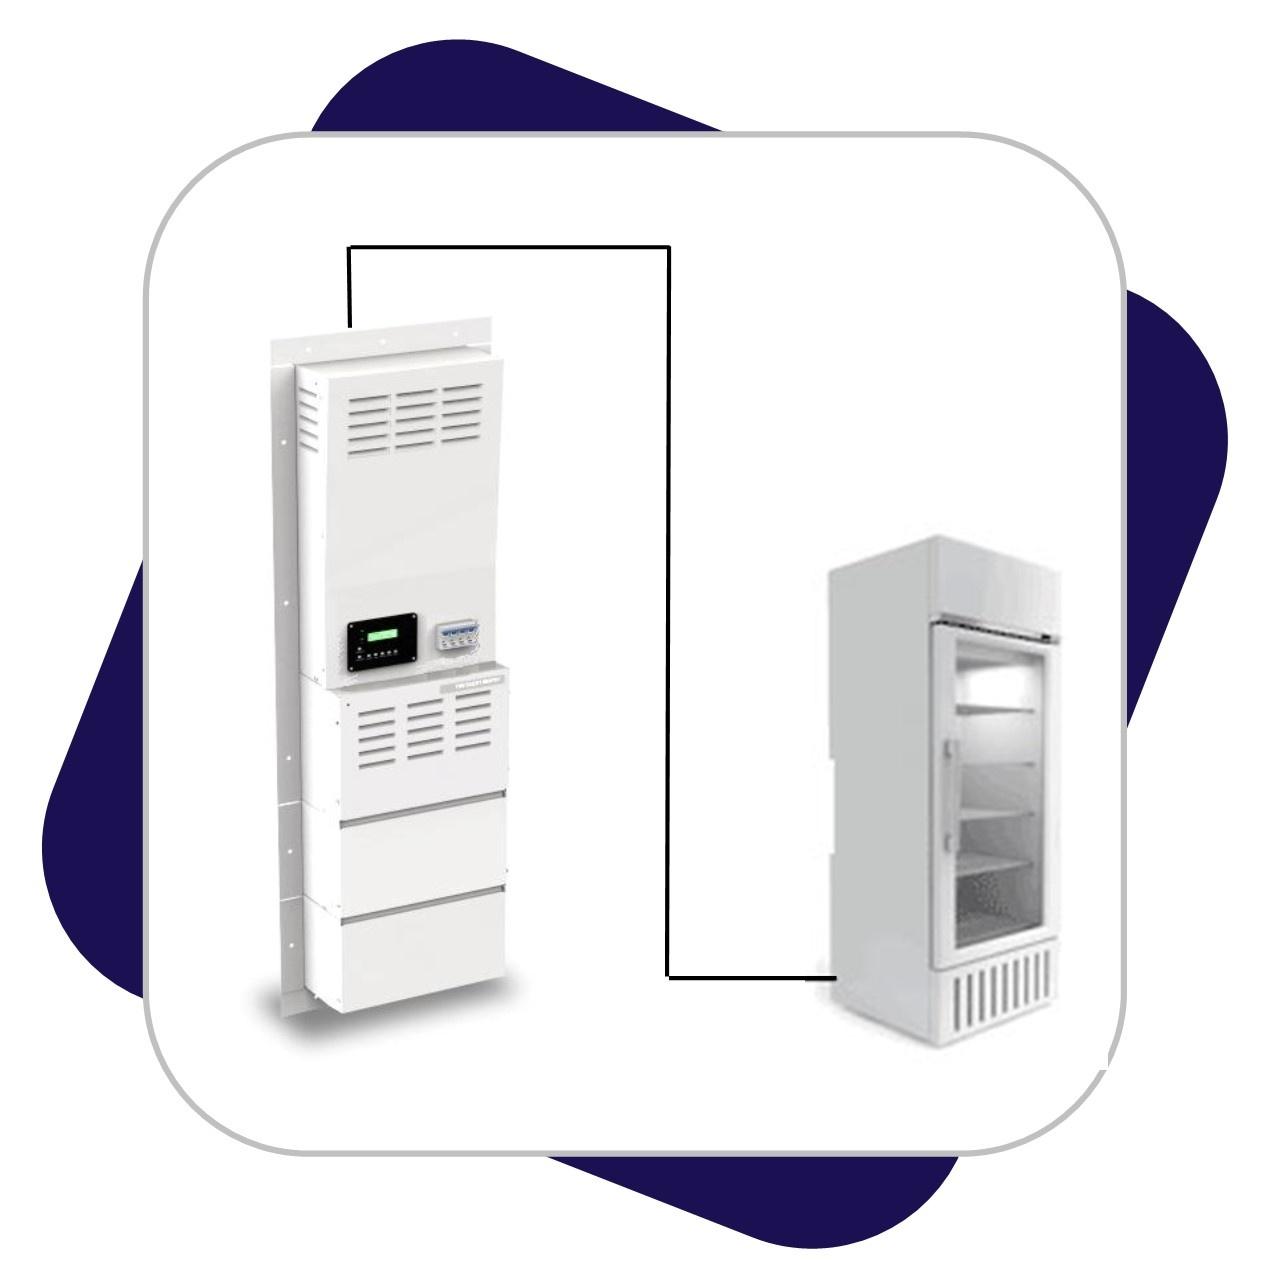 Standalone Refridgerator Battery Backup System.jpg